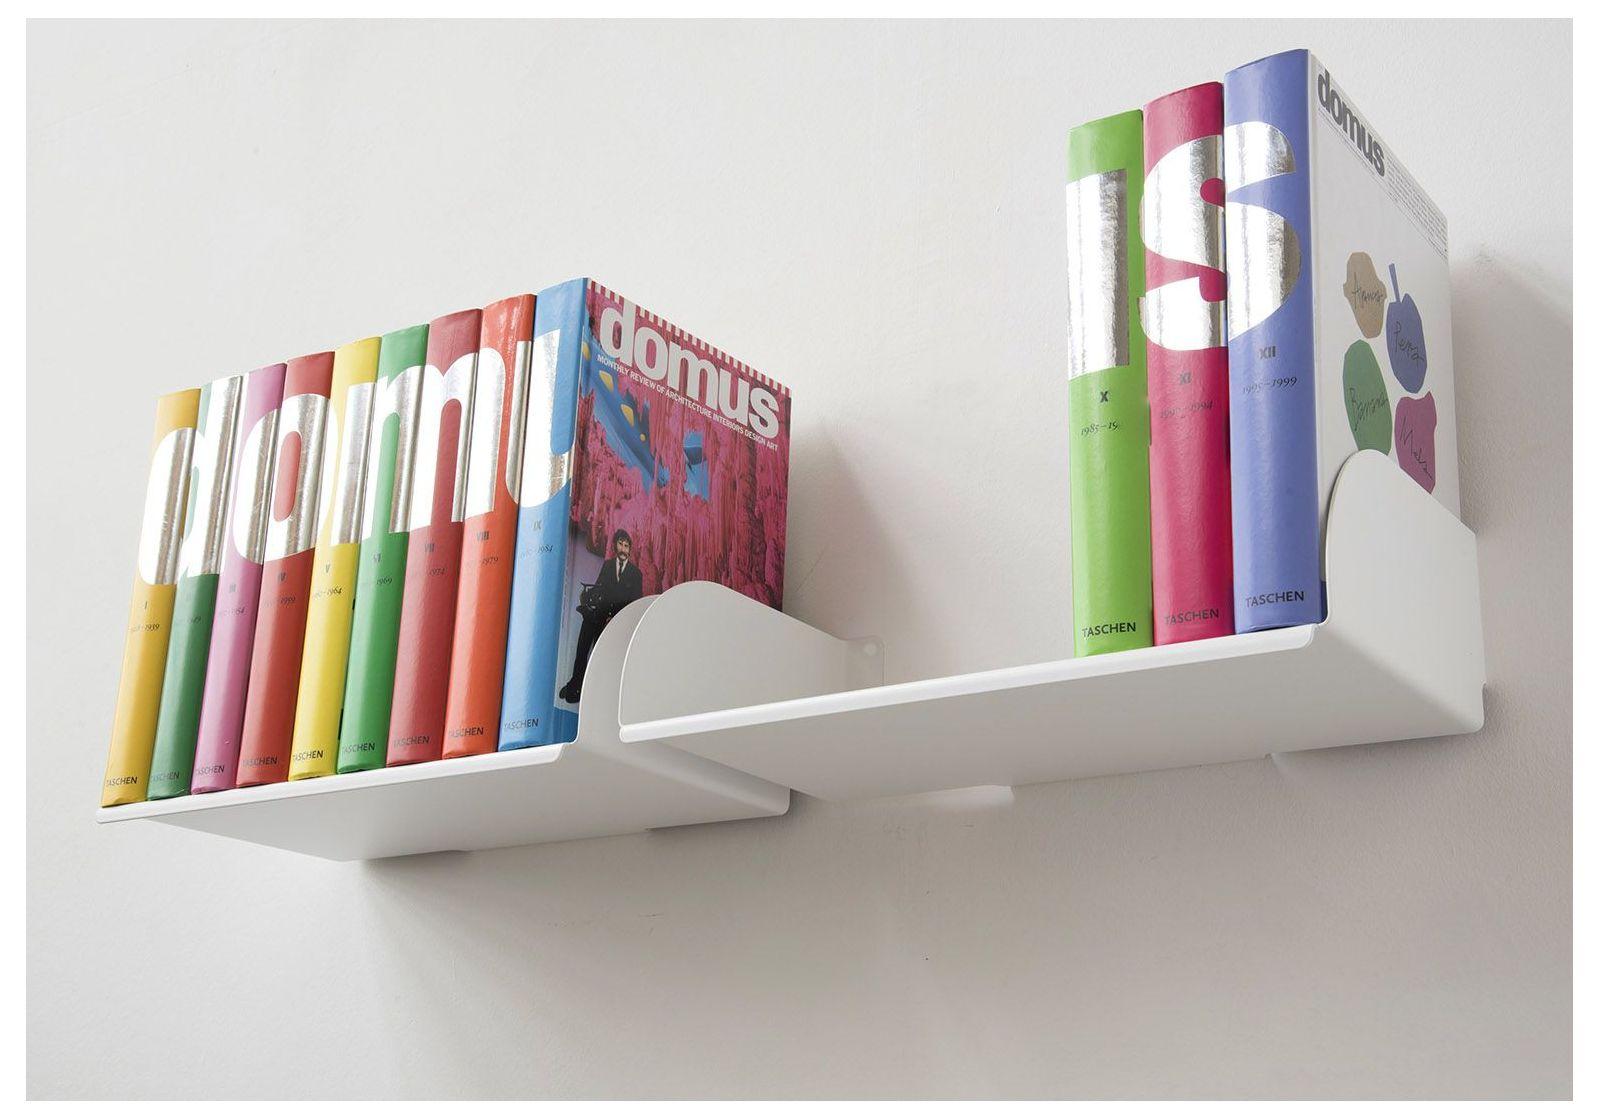 Mensole per libri ubd set di 4 45 cm acciao for Mensole libreria